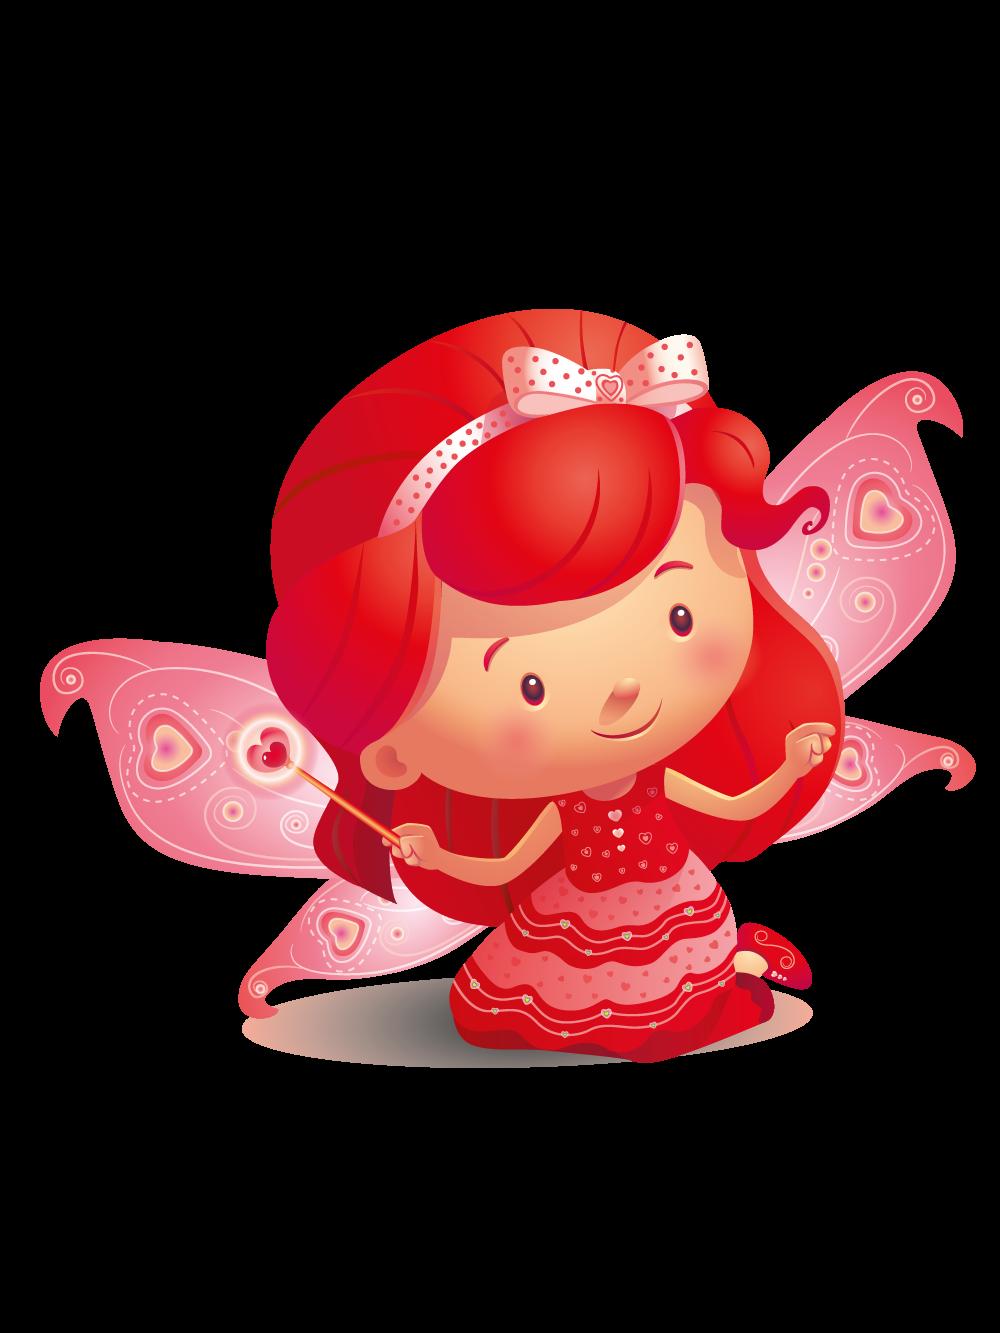 Fairy clipart colourful. Colour fairies ruby red